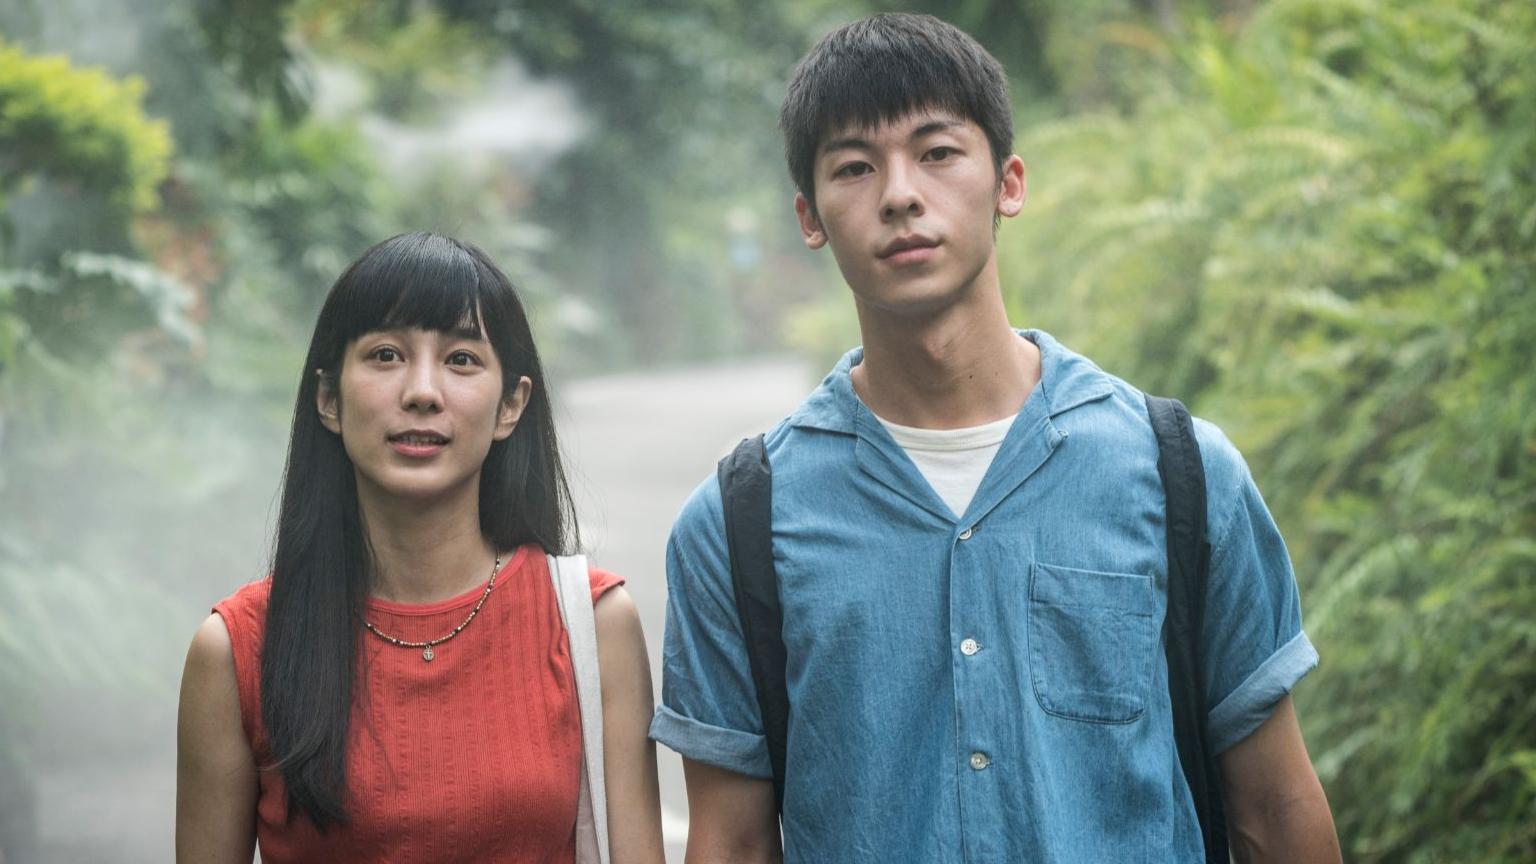 【皮西浩】让人久久不能平静的中国台湾电影《阳光普照》